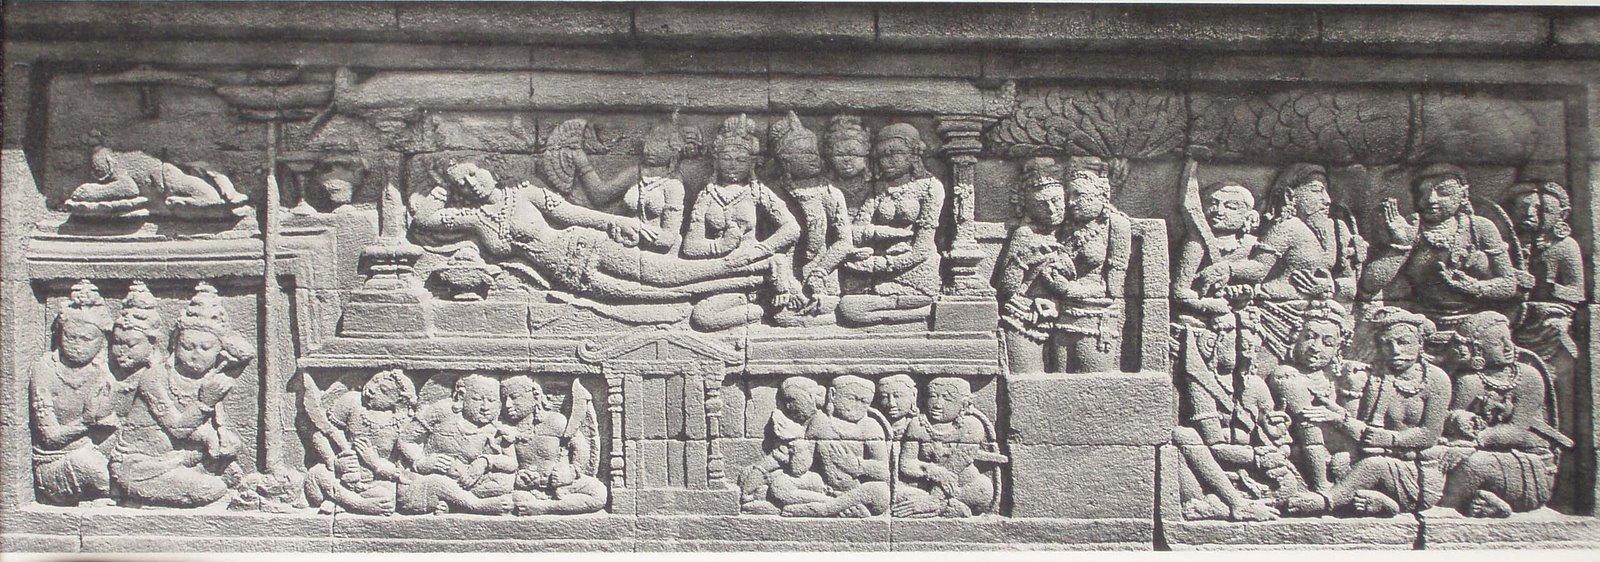 Sejarah Singkat Berdirinya Candi Borobudur (magelang, jawa tengah) Di